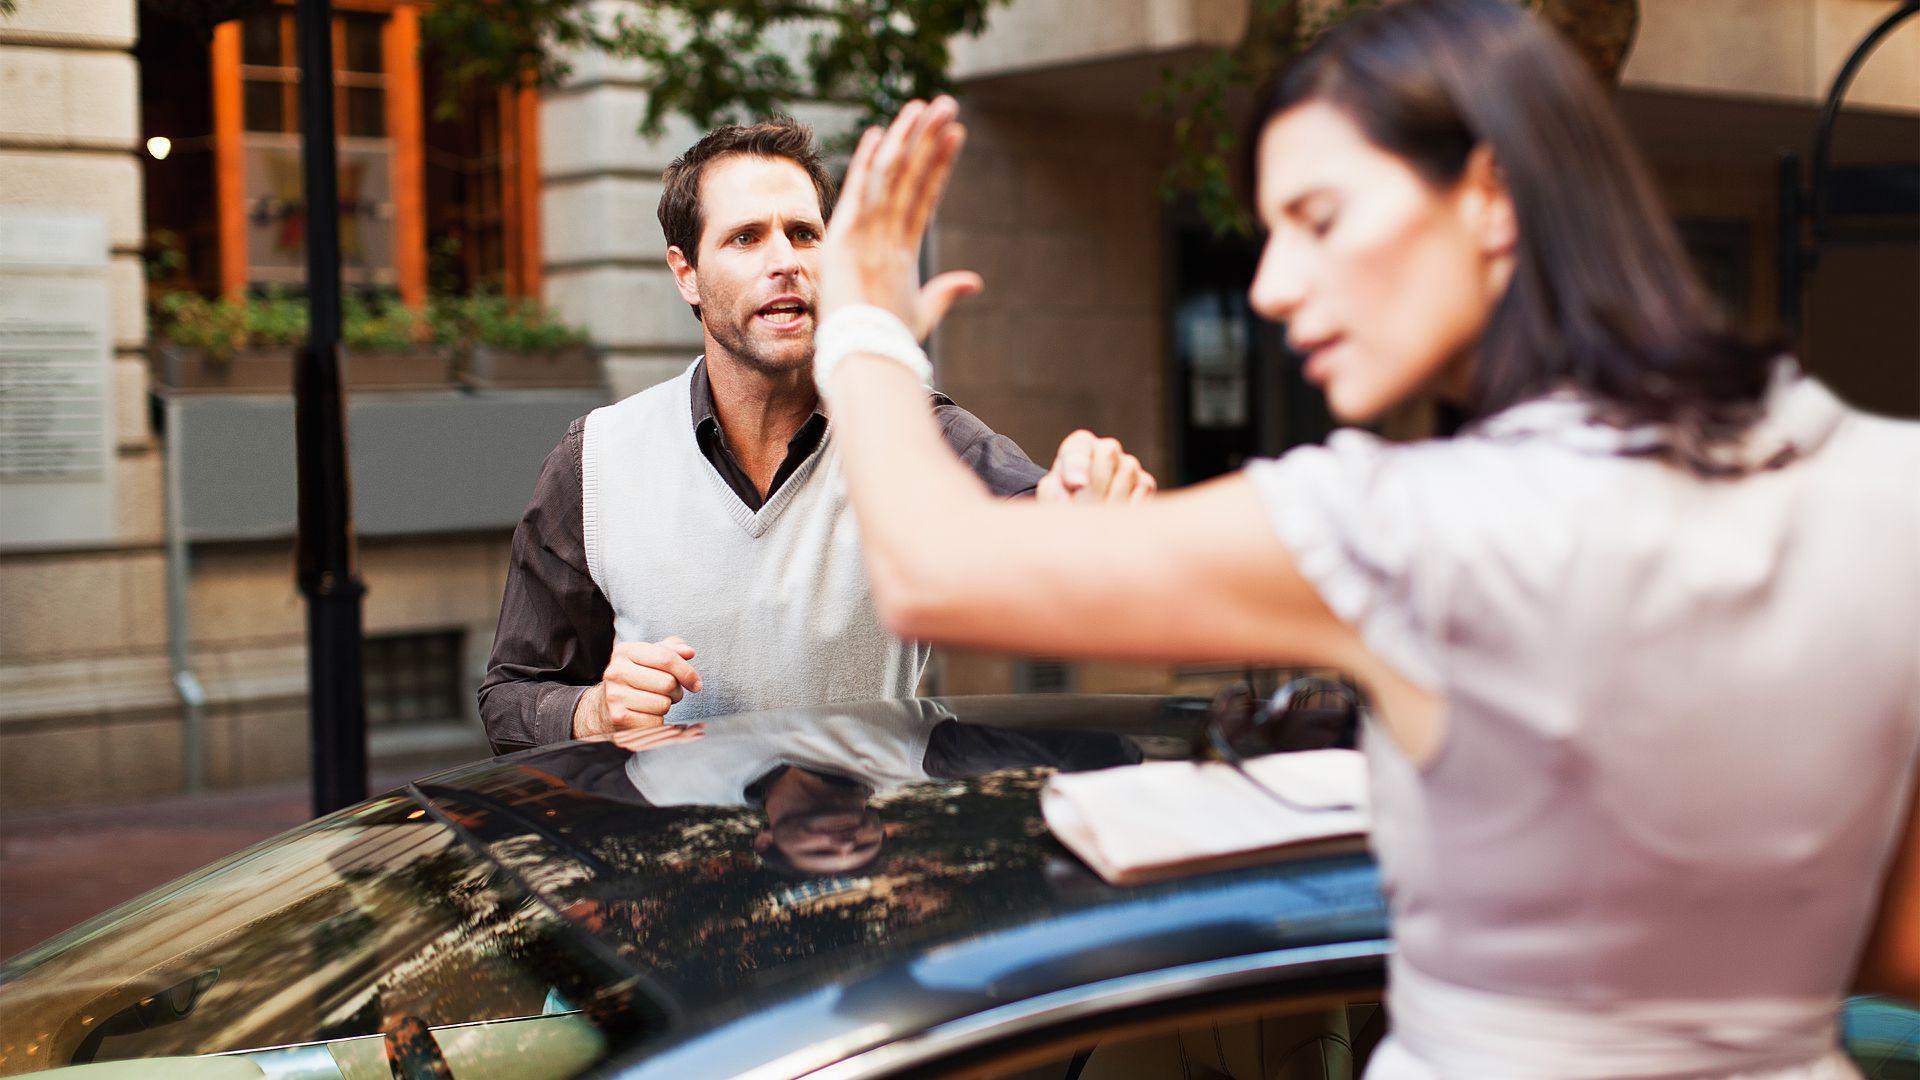 Агрессивные супружеские ссоры делают кишечник проницаемым для бактерий